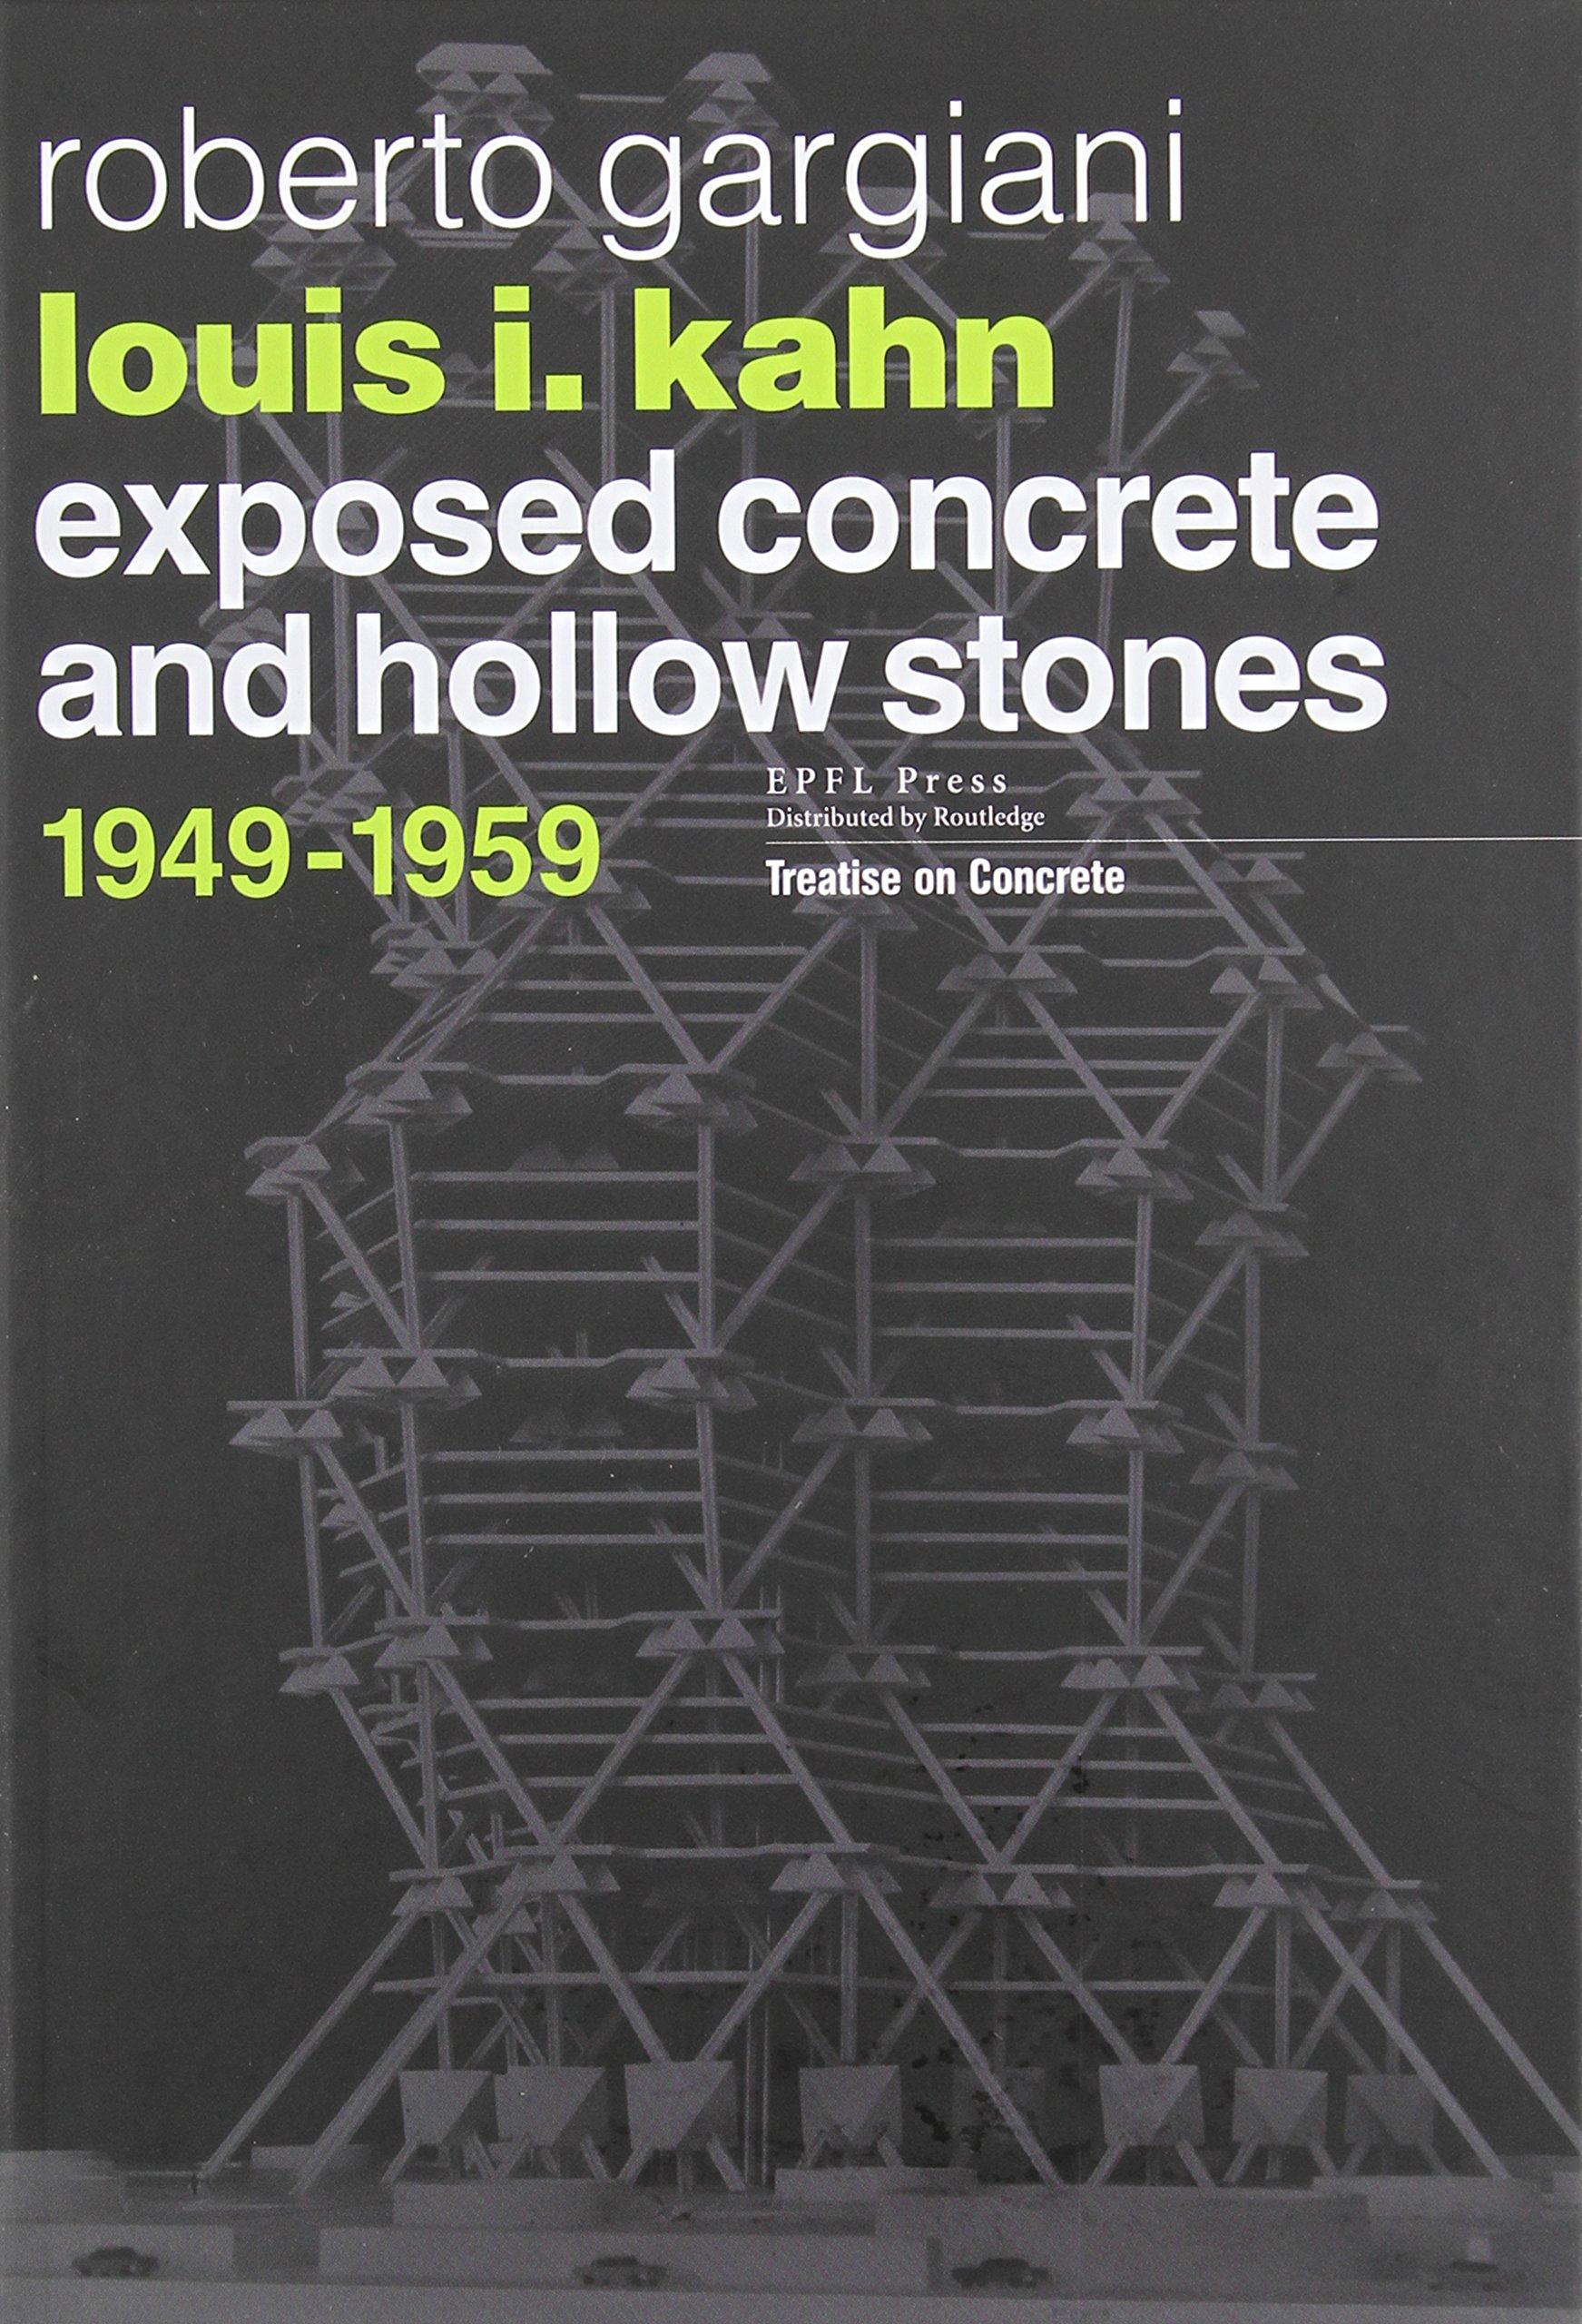 Louis I. Kahn: Exposed Concrete and Hollow Stones, 1949-1959 (Treatise on Concrete) por Roberto Gargiani